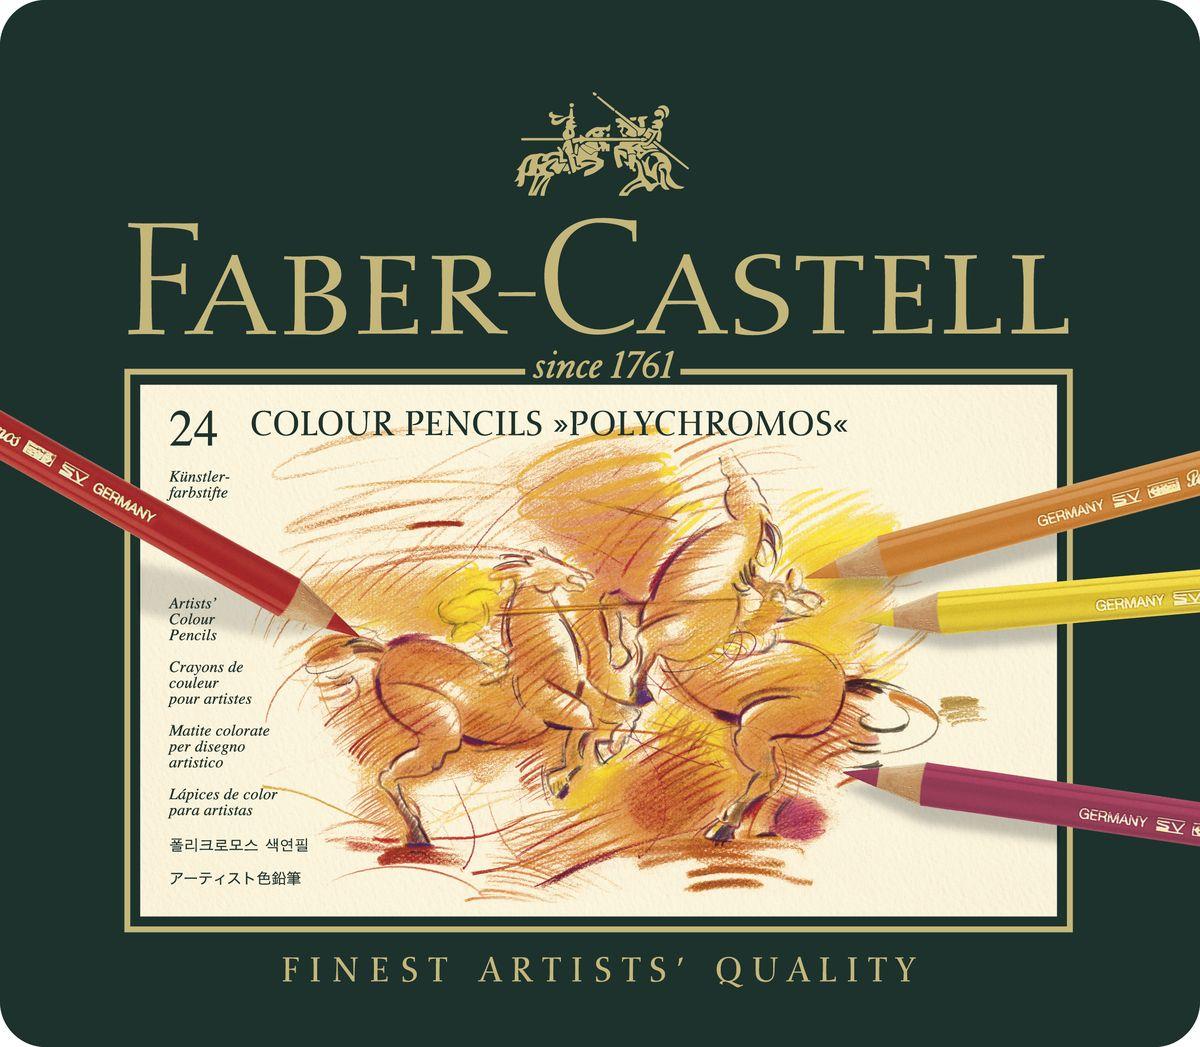 Faber-Castell Цветные карандаши Polychromos 24 цвета72523WDЦветные карандаши Faber-Castell Polychromos станут незаменимым инструментом для начинающих и профессиональных художников. В набор входят 24 карандаша разных цветов.Особенности карандашей: высокое содержание очень качественныхпигментов гарантирует устойчивость квоздействию света и интенсивность; грифель толщиной 3,8 мм;гладкий грифель на основе воска водоустойчив,не размазывается.Набор цветных карандашей - это практичный художественный инструмент, который поможет вам в создании самых выразительных произведений. Карандаши упакованы в металлический пенал, благодаря чему их удобно хранить.